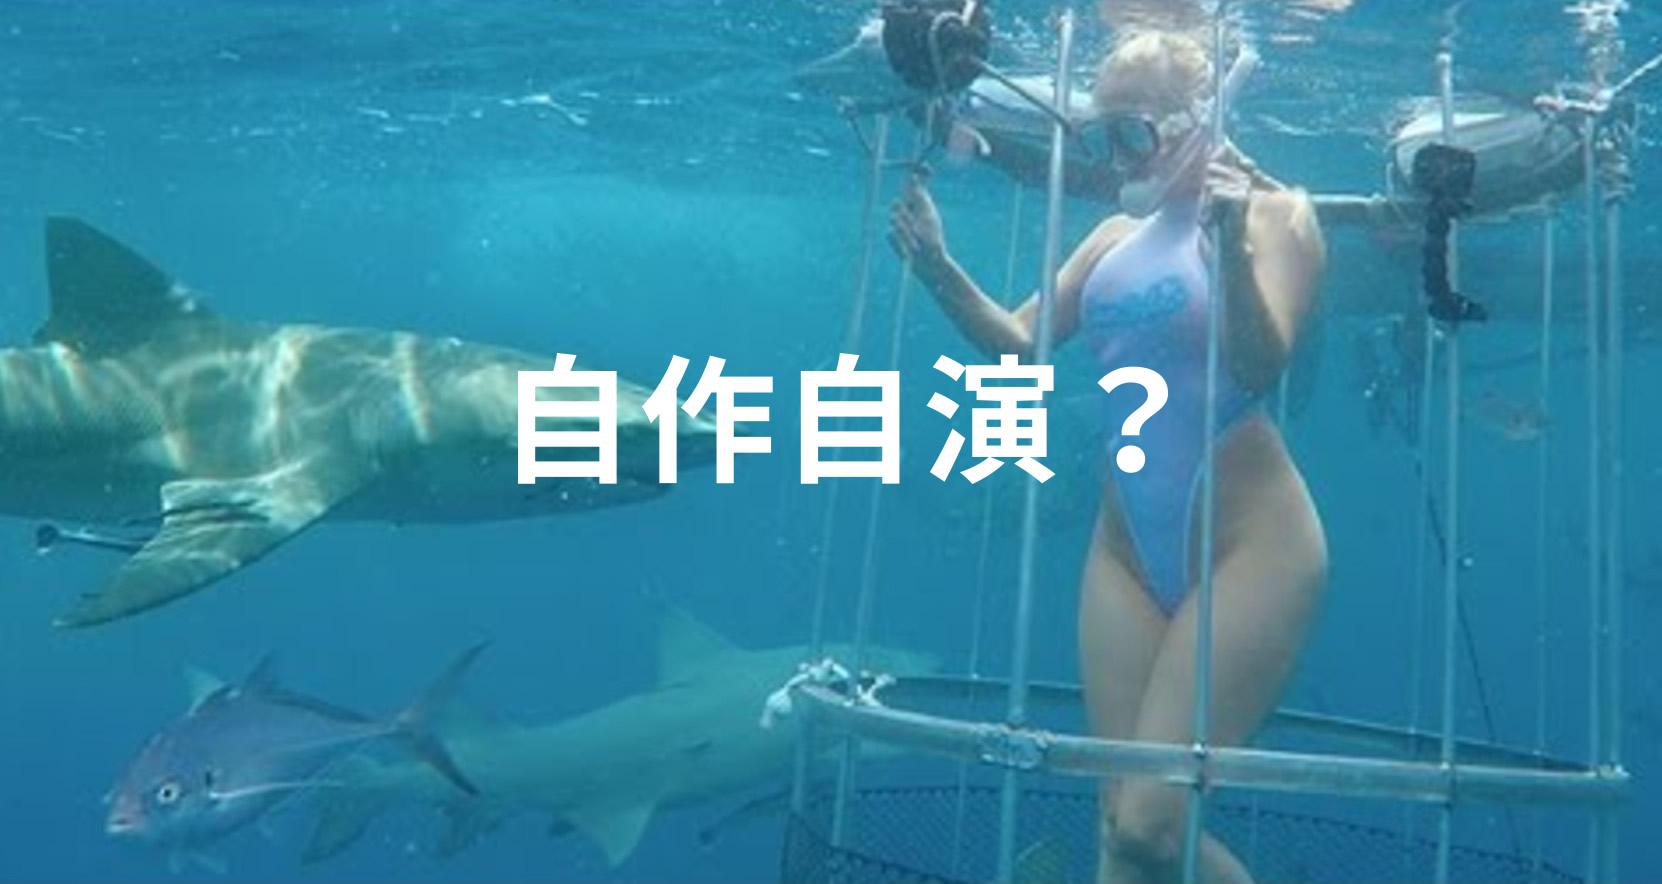 「サメに噛まれたポルノ女優」動画はニセモノと専門家。世界中をダマしたその目的とは?